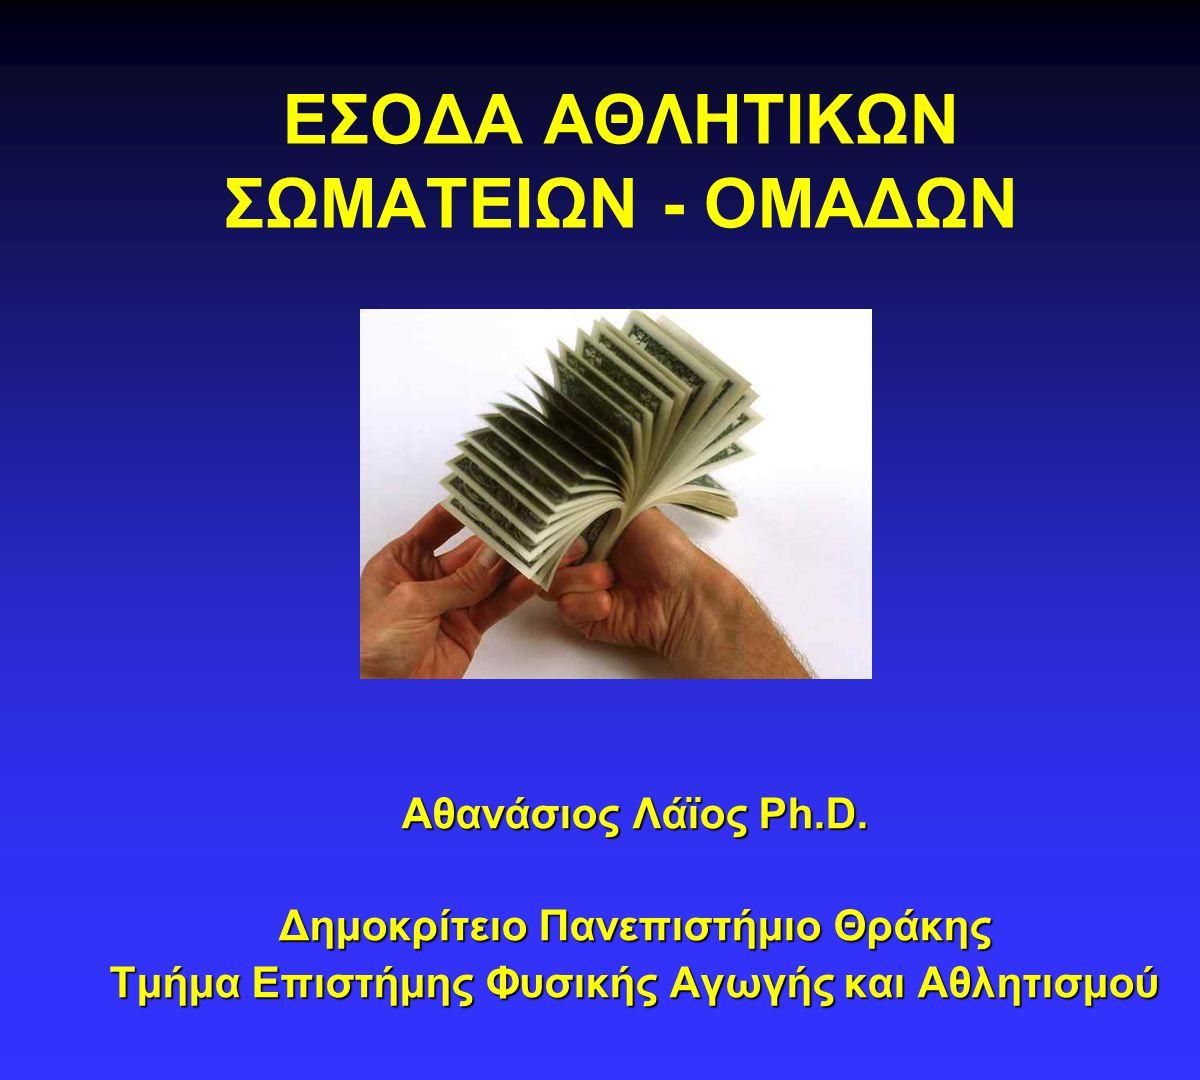 ΕΣΟΔΑ ΑΘΛΗΤΙΚΩΝ ΣΩΜΑΤΕΙΩΝ - ΟΜΑΔΩΝ